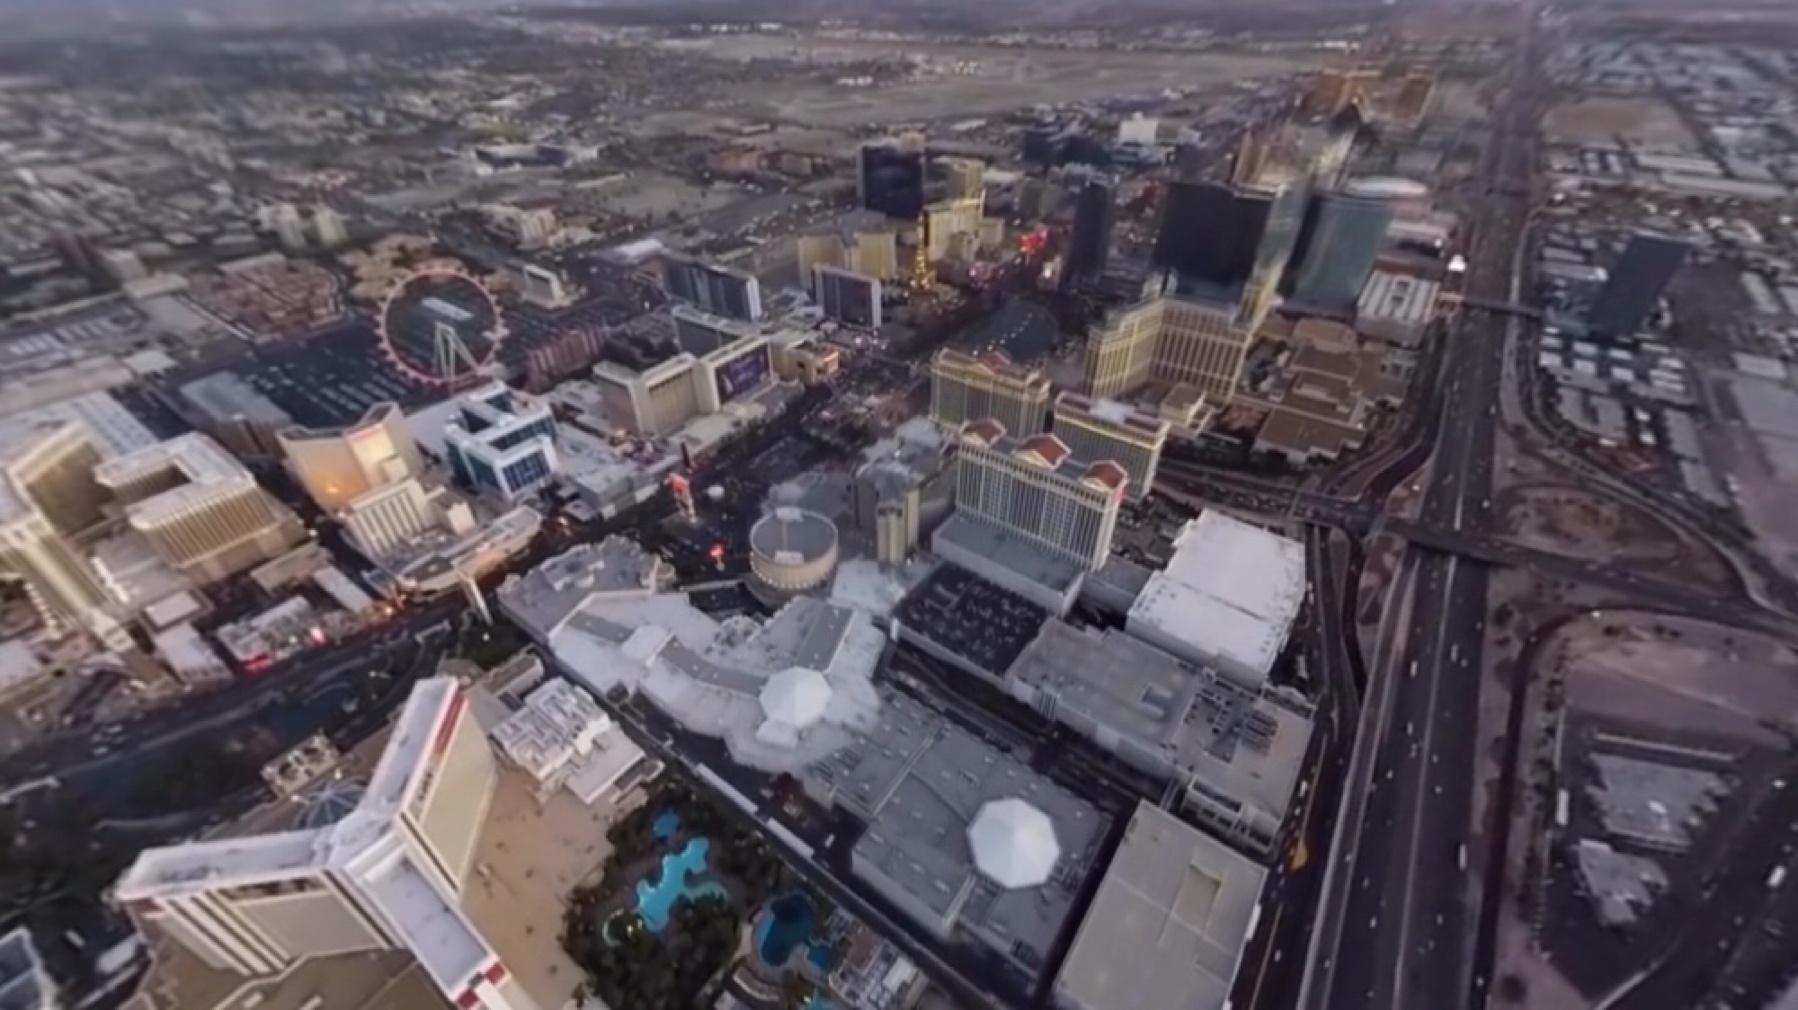 Las Vegas VR